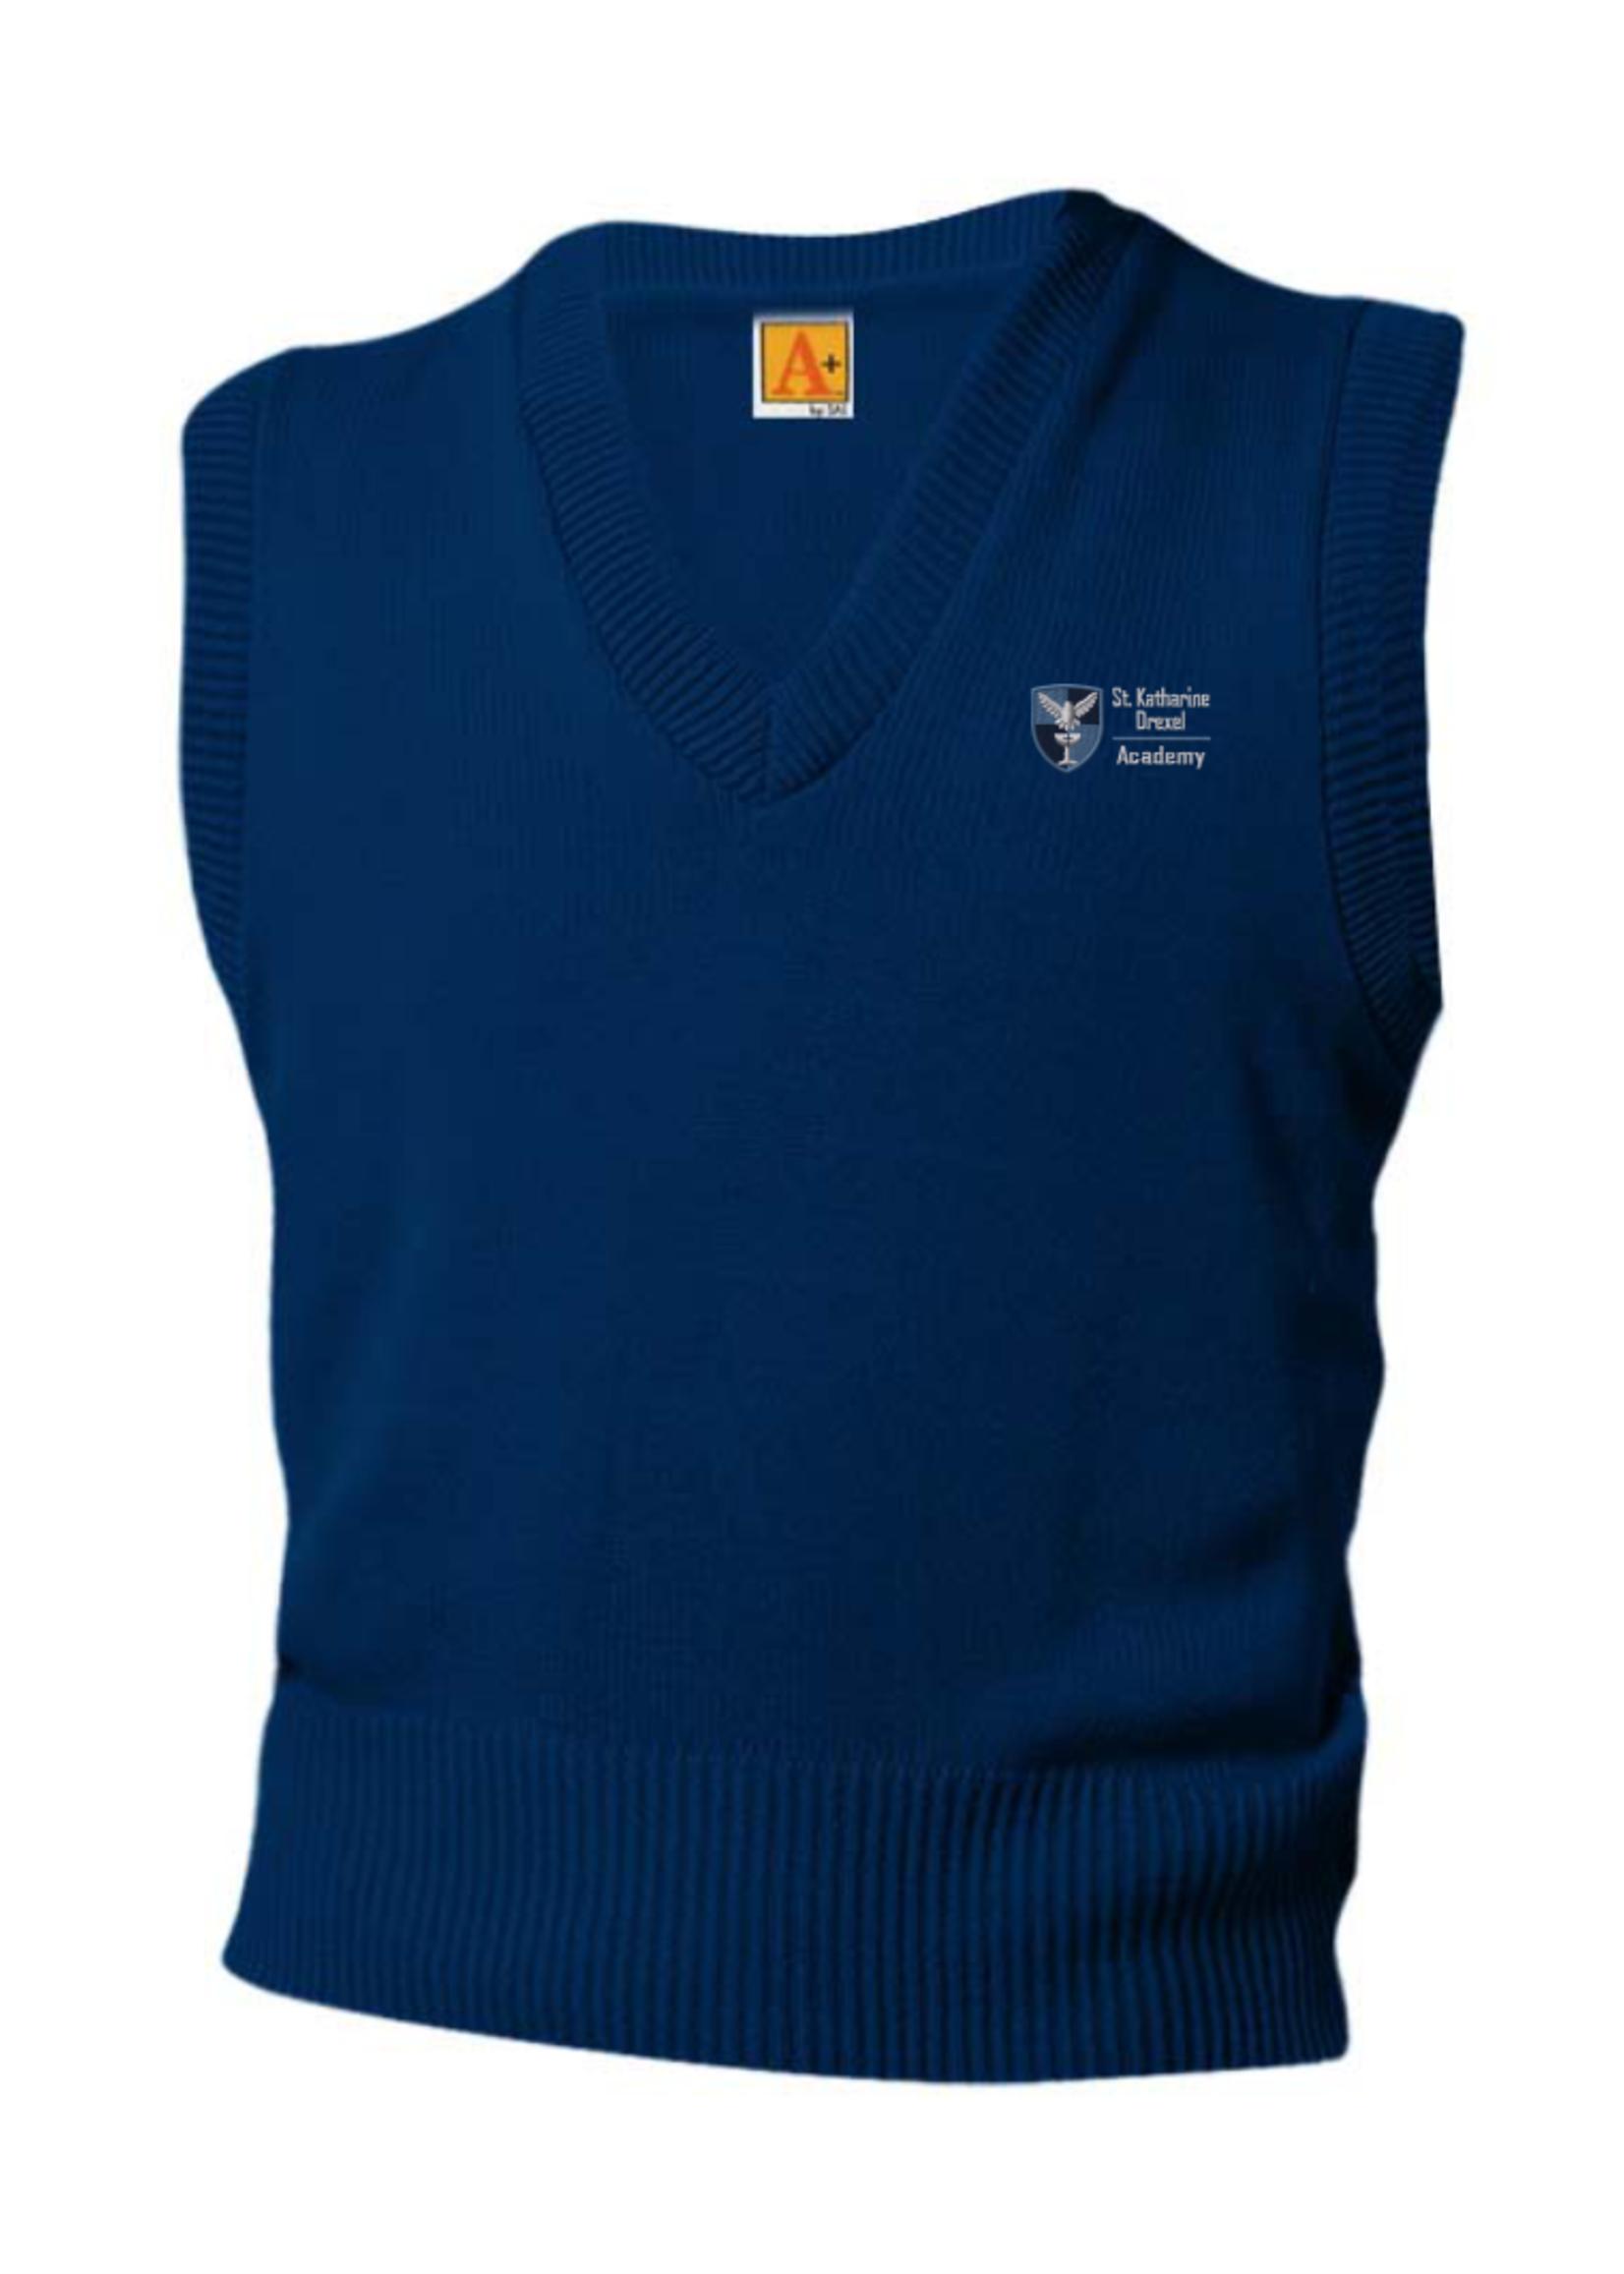 SKDA Navy V-neck sweater vest